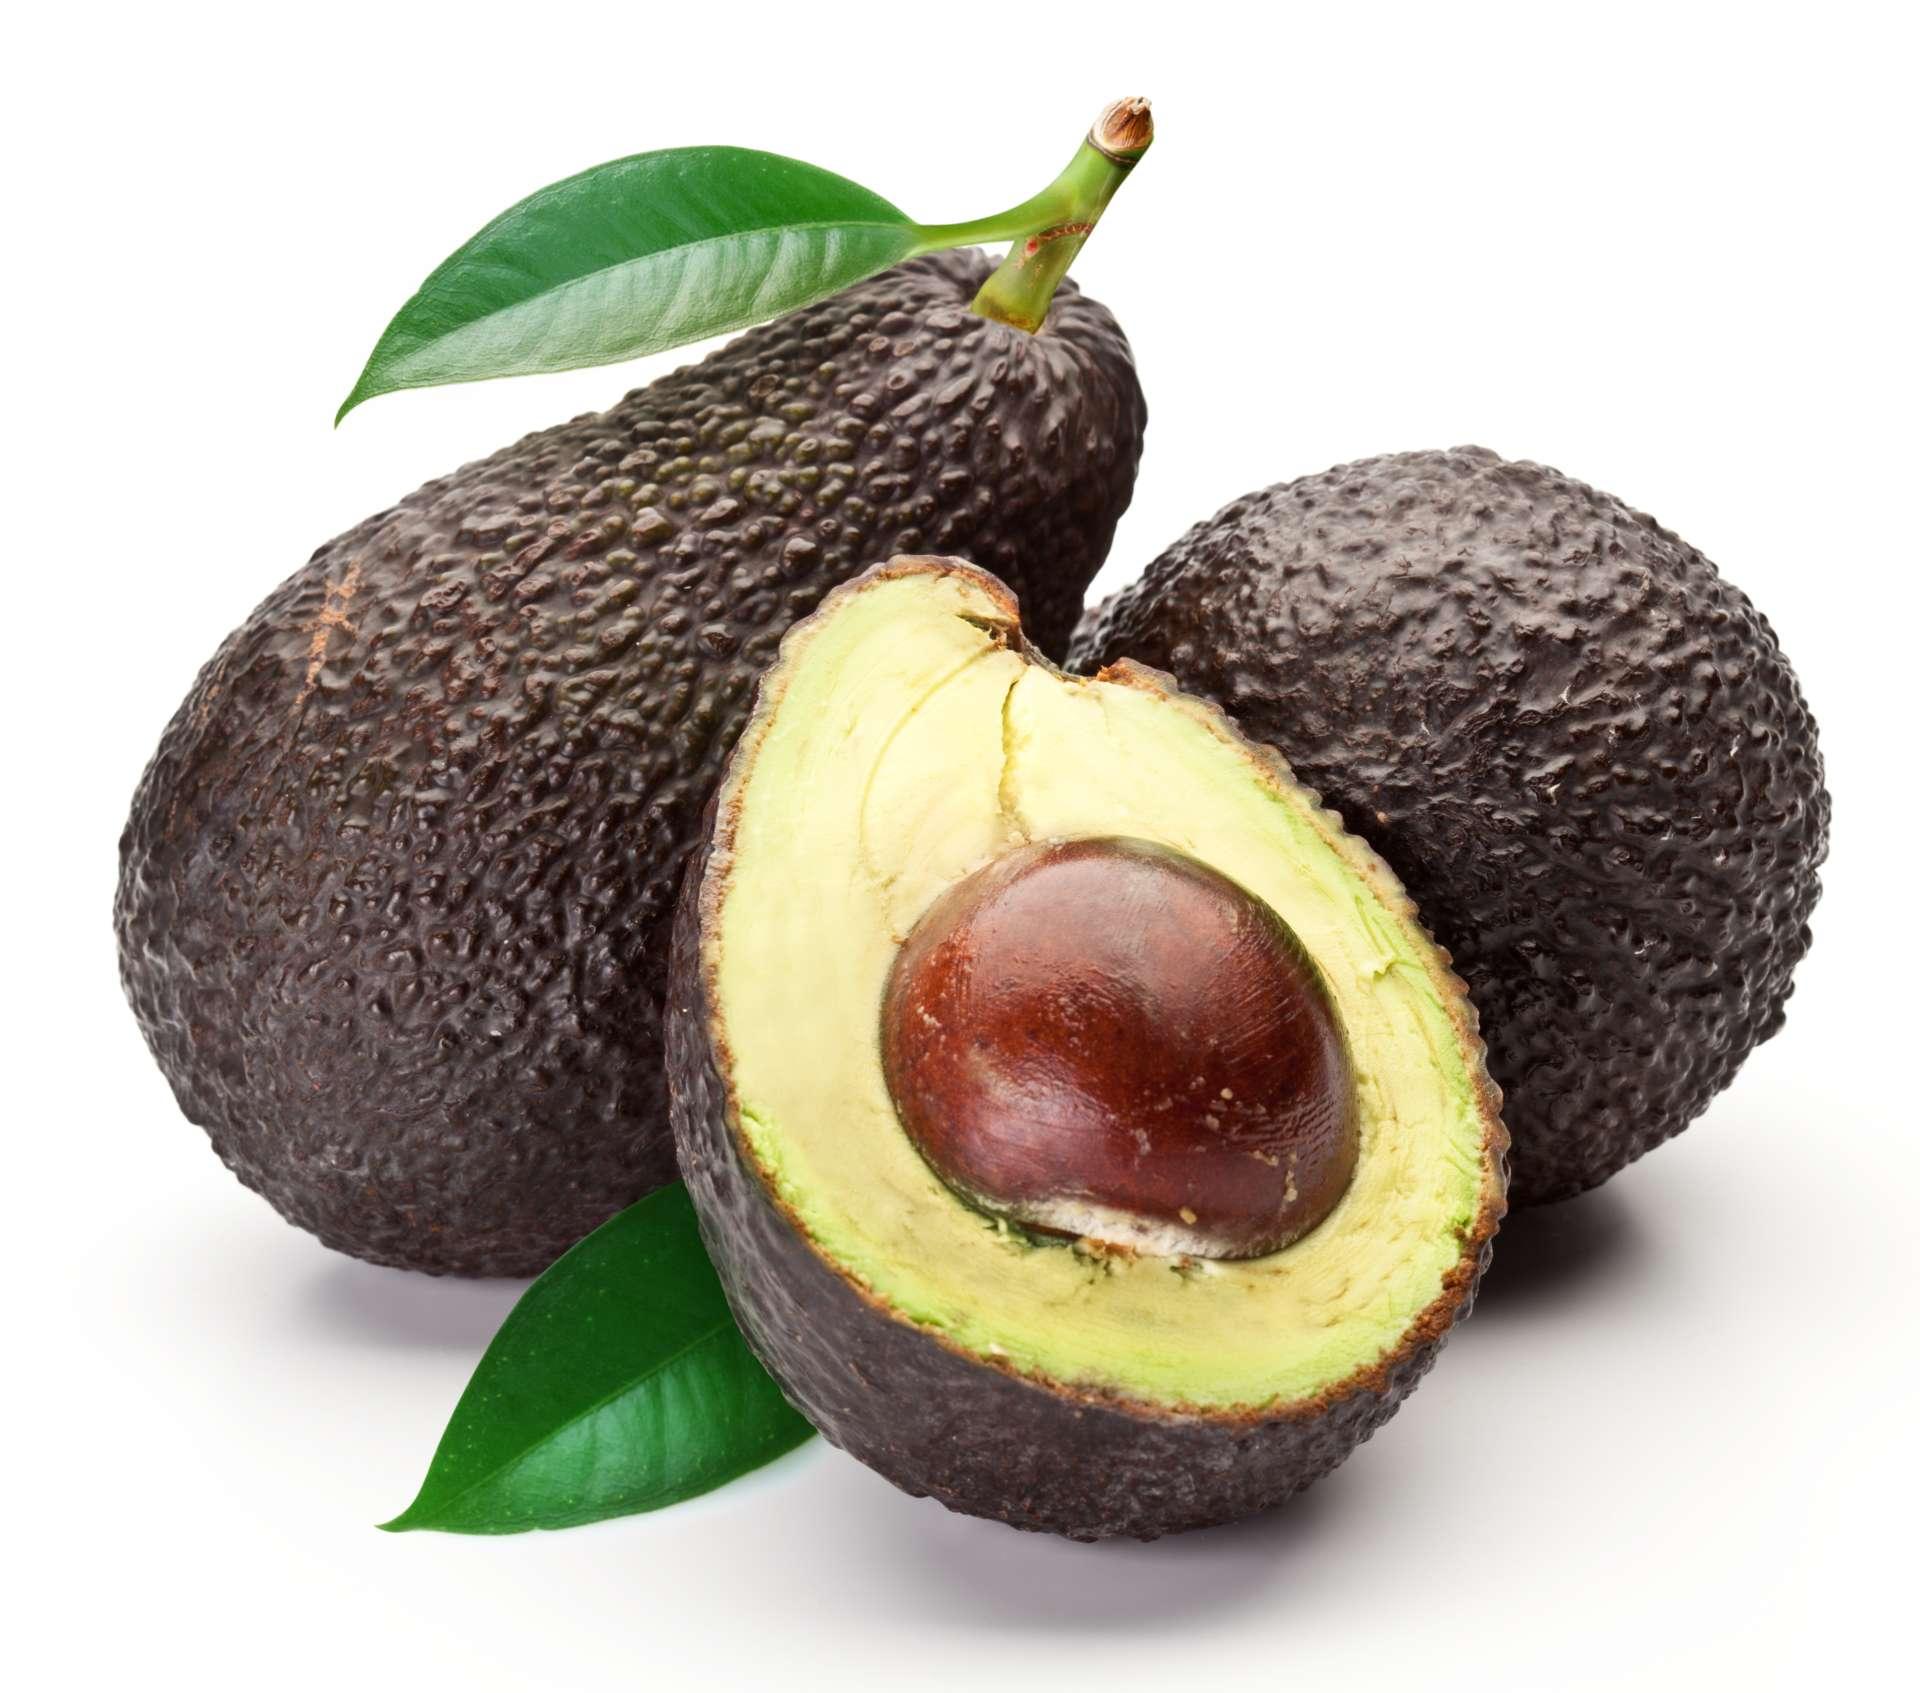 Köln avocado alles über die avocado